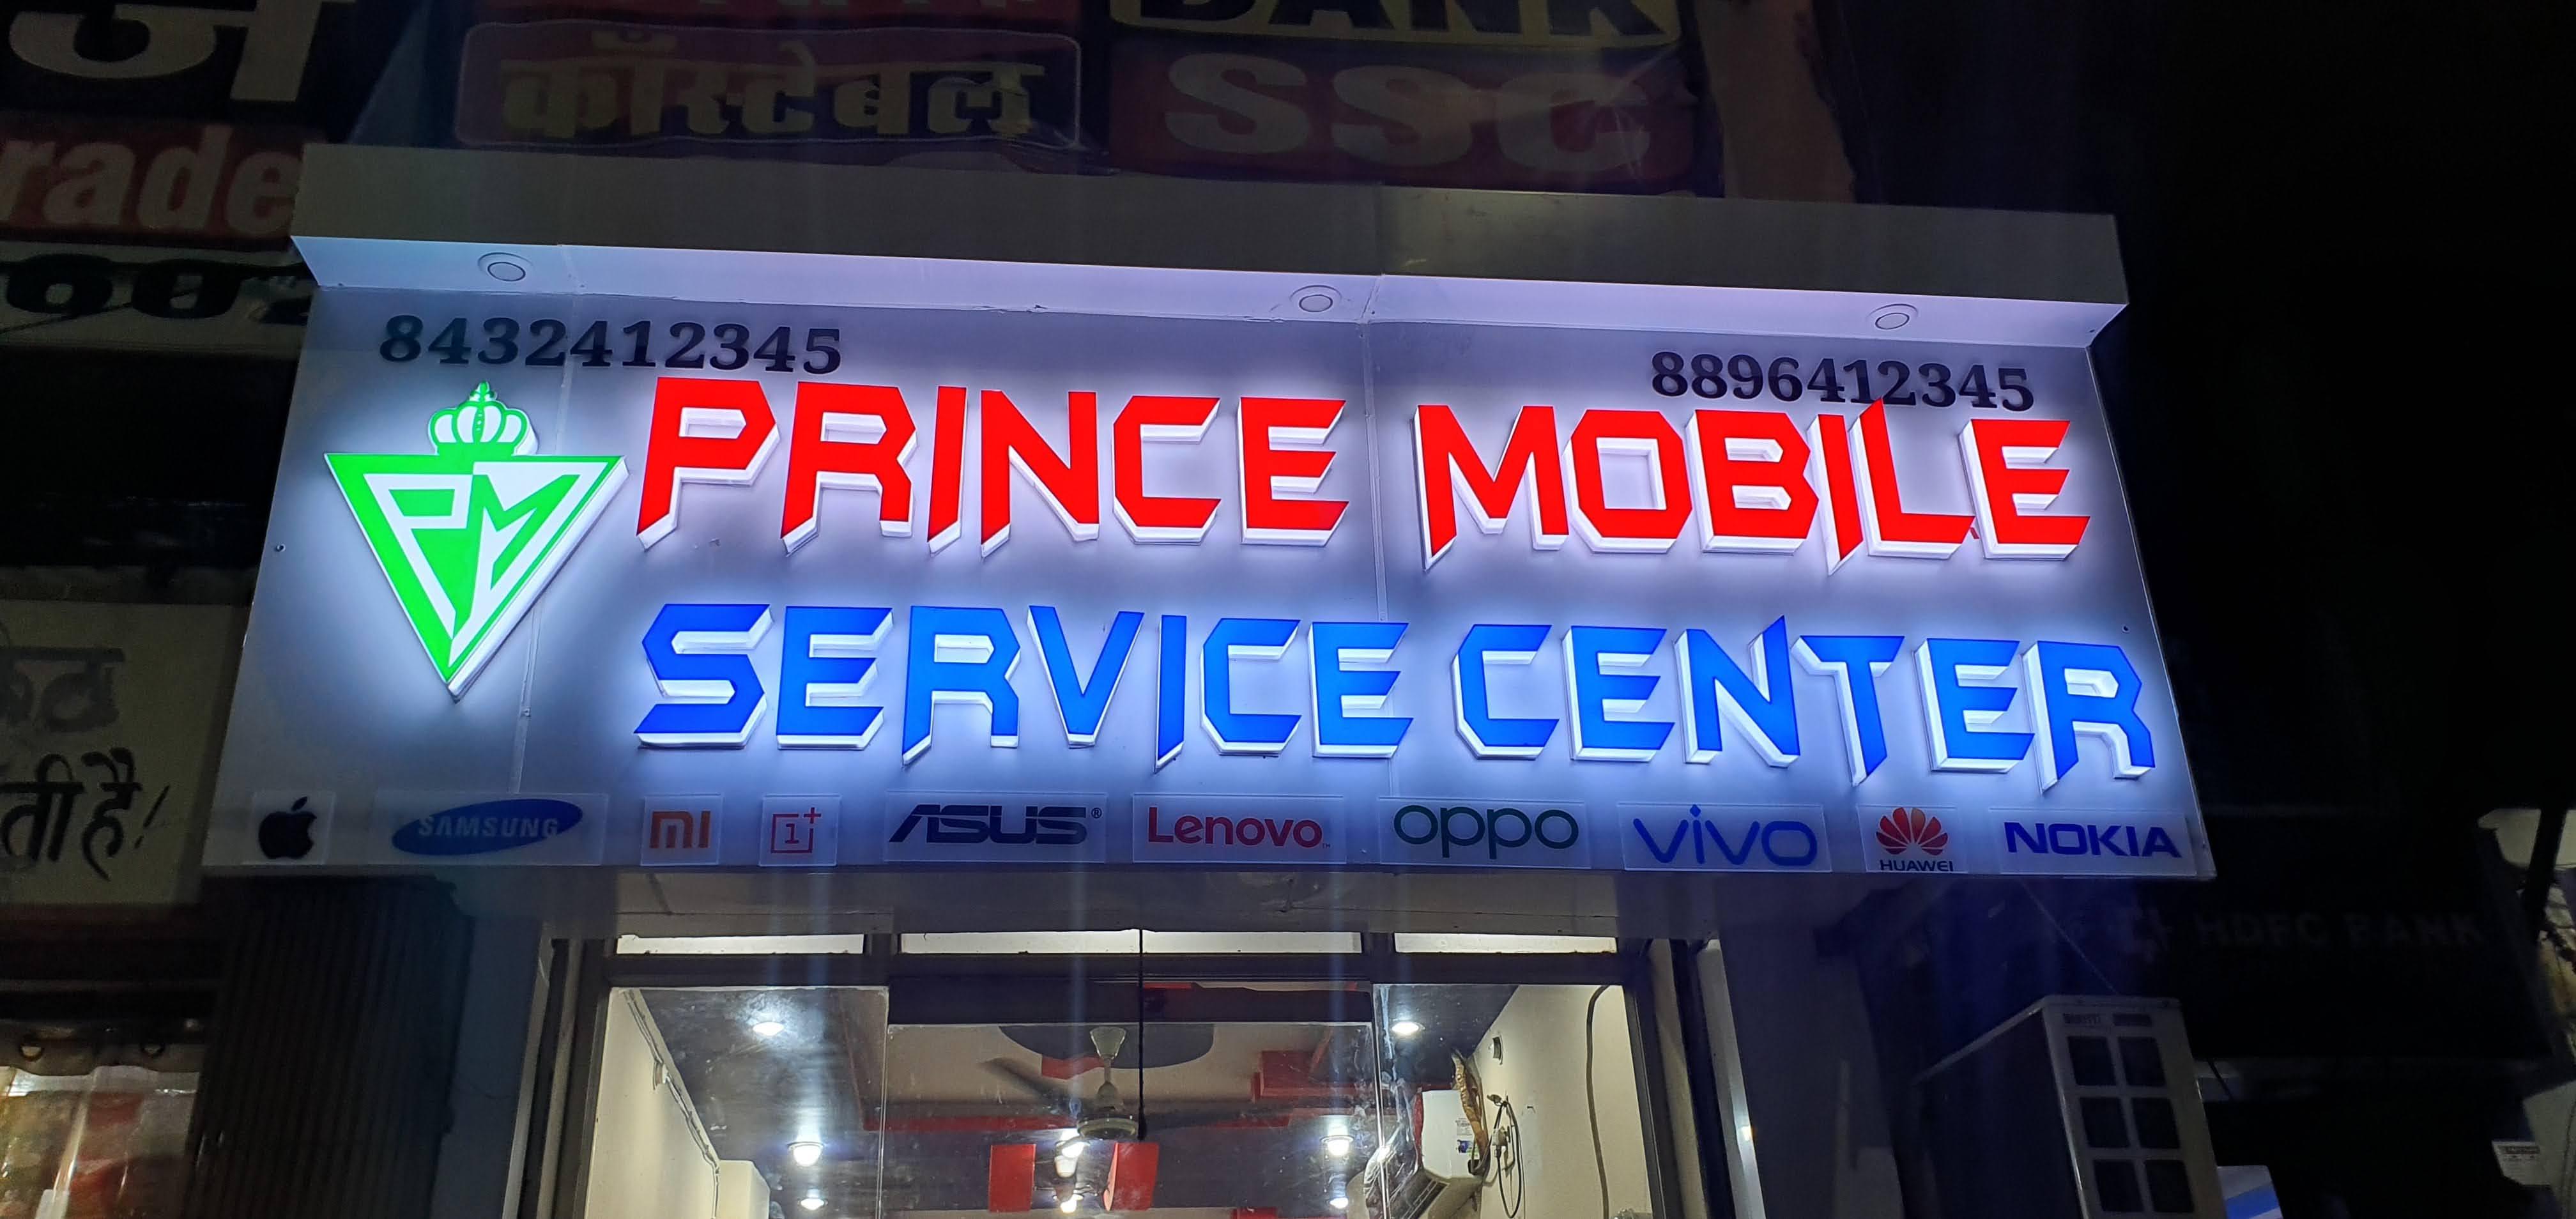 Prince Mobile Service Centre in Kota